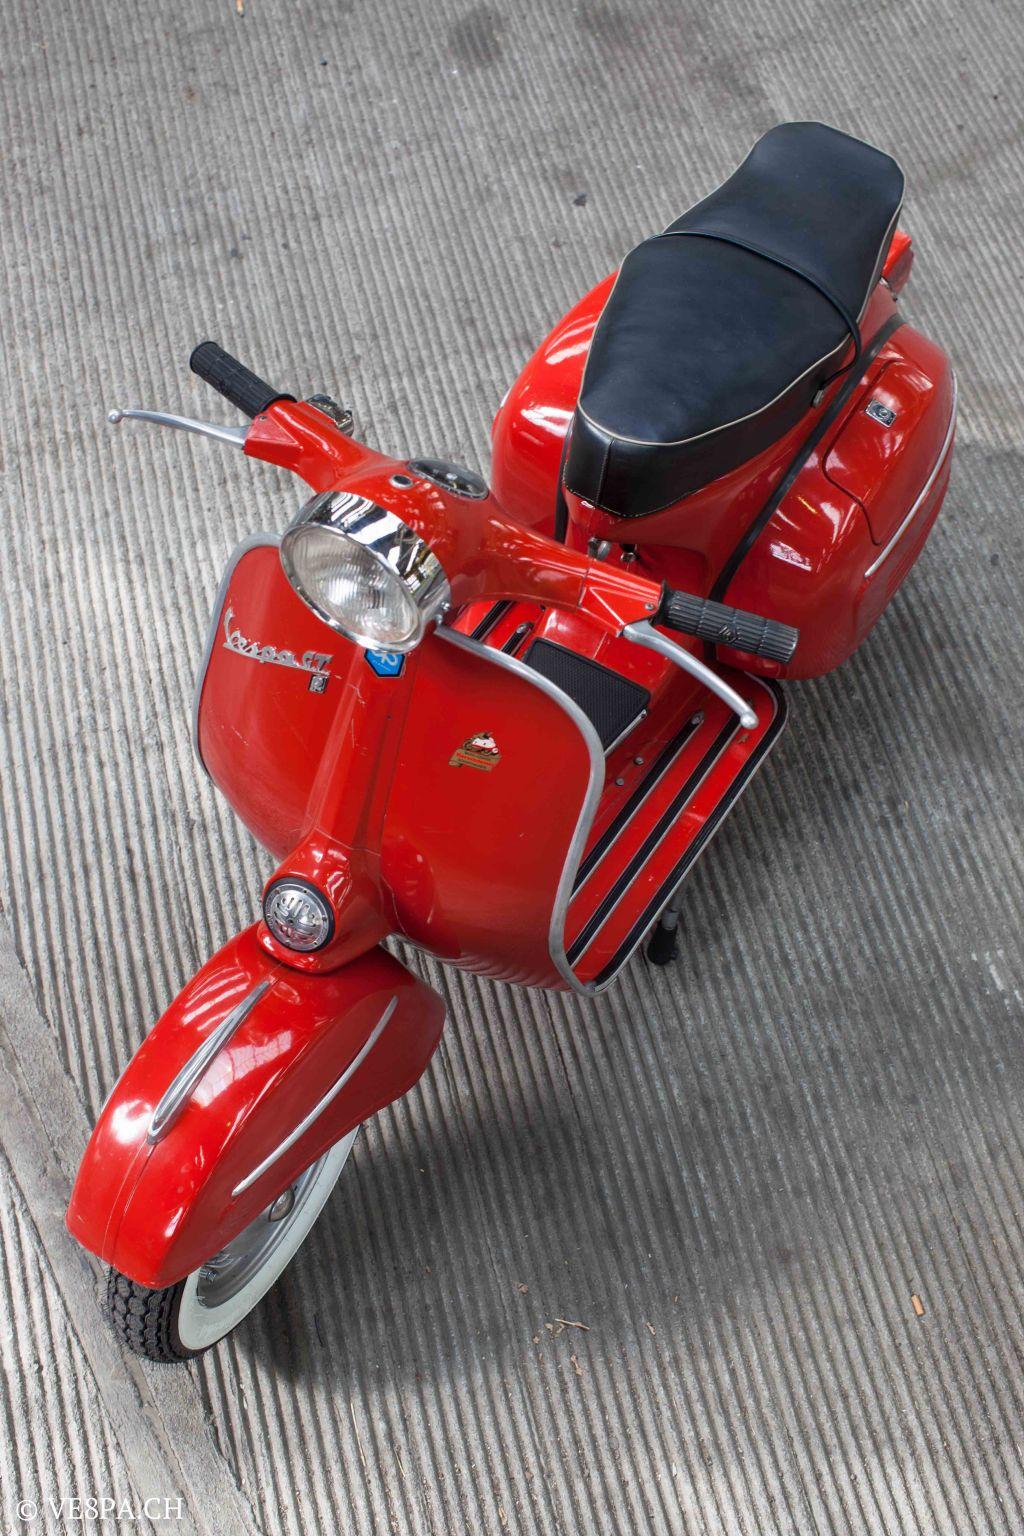 Vespa GTR (Gran Turismo) 125, Rosso Corallo, Jg. 1972, im O-Lack, original Zustand - VE8PA.CH-9-2